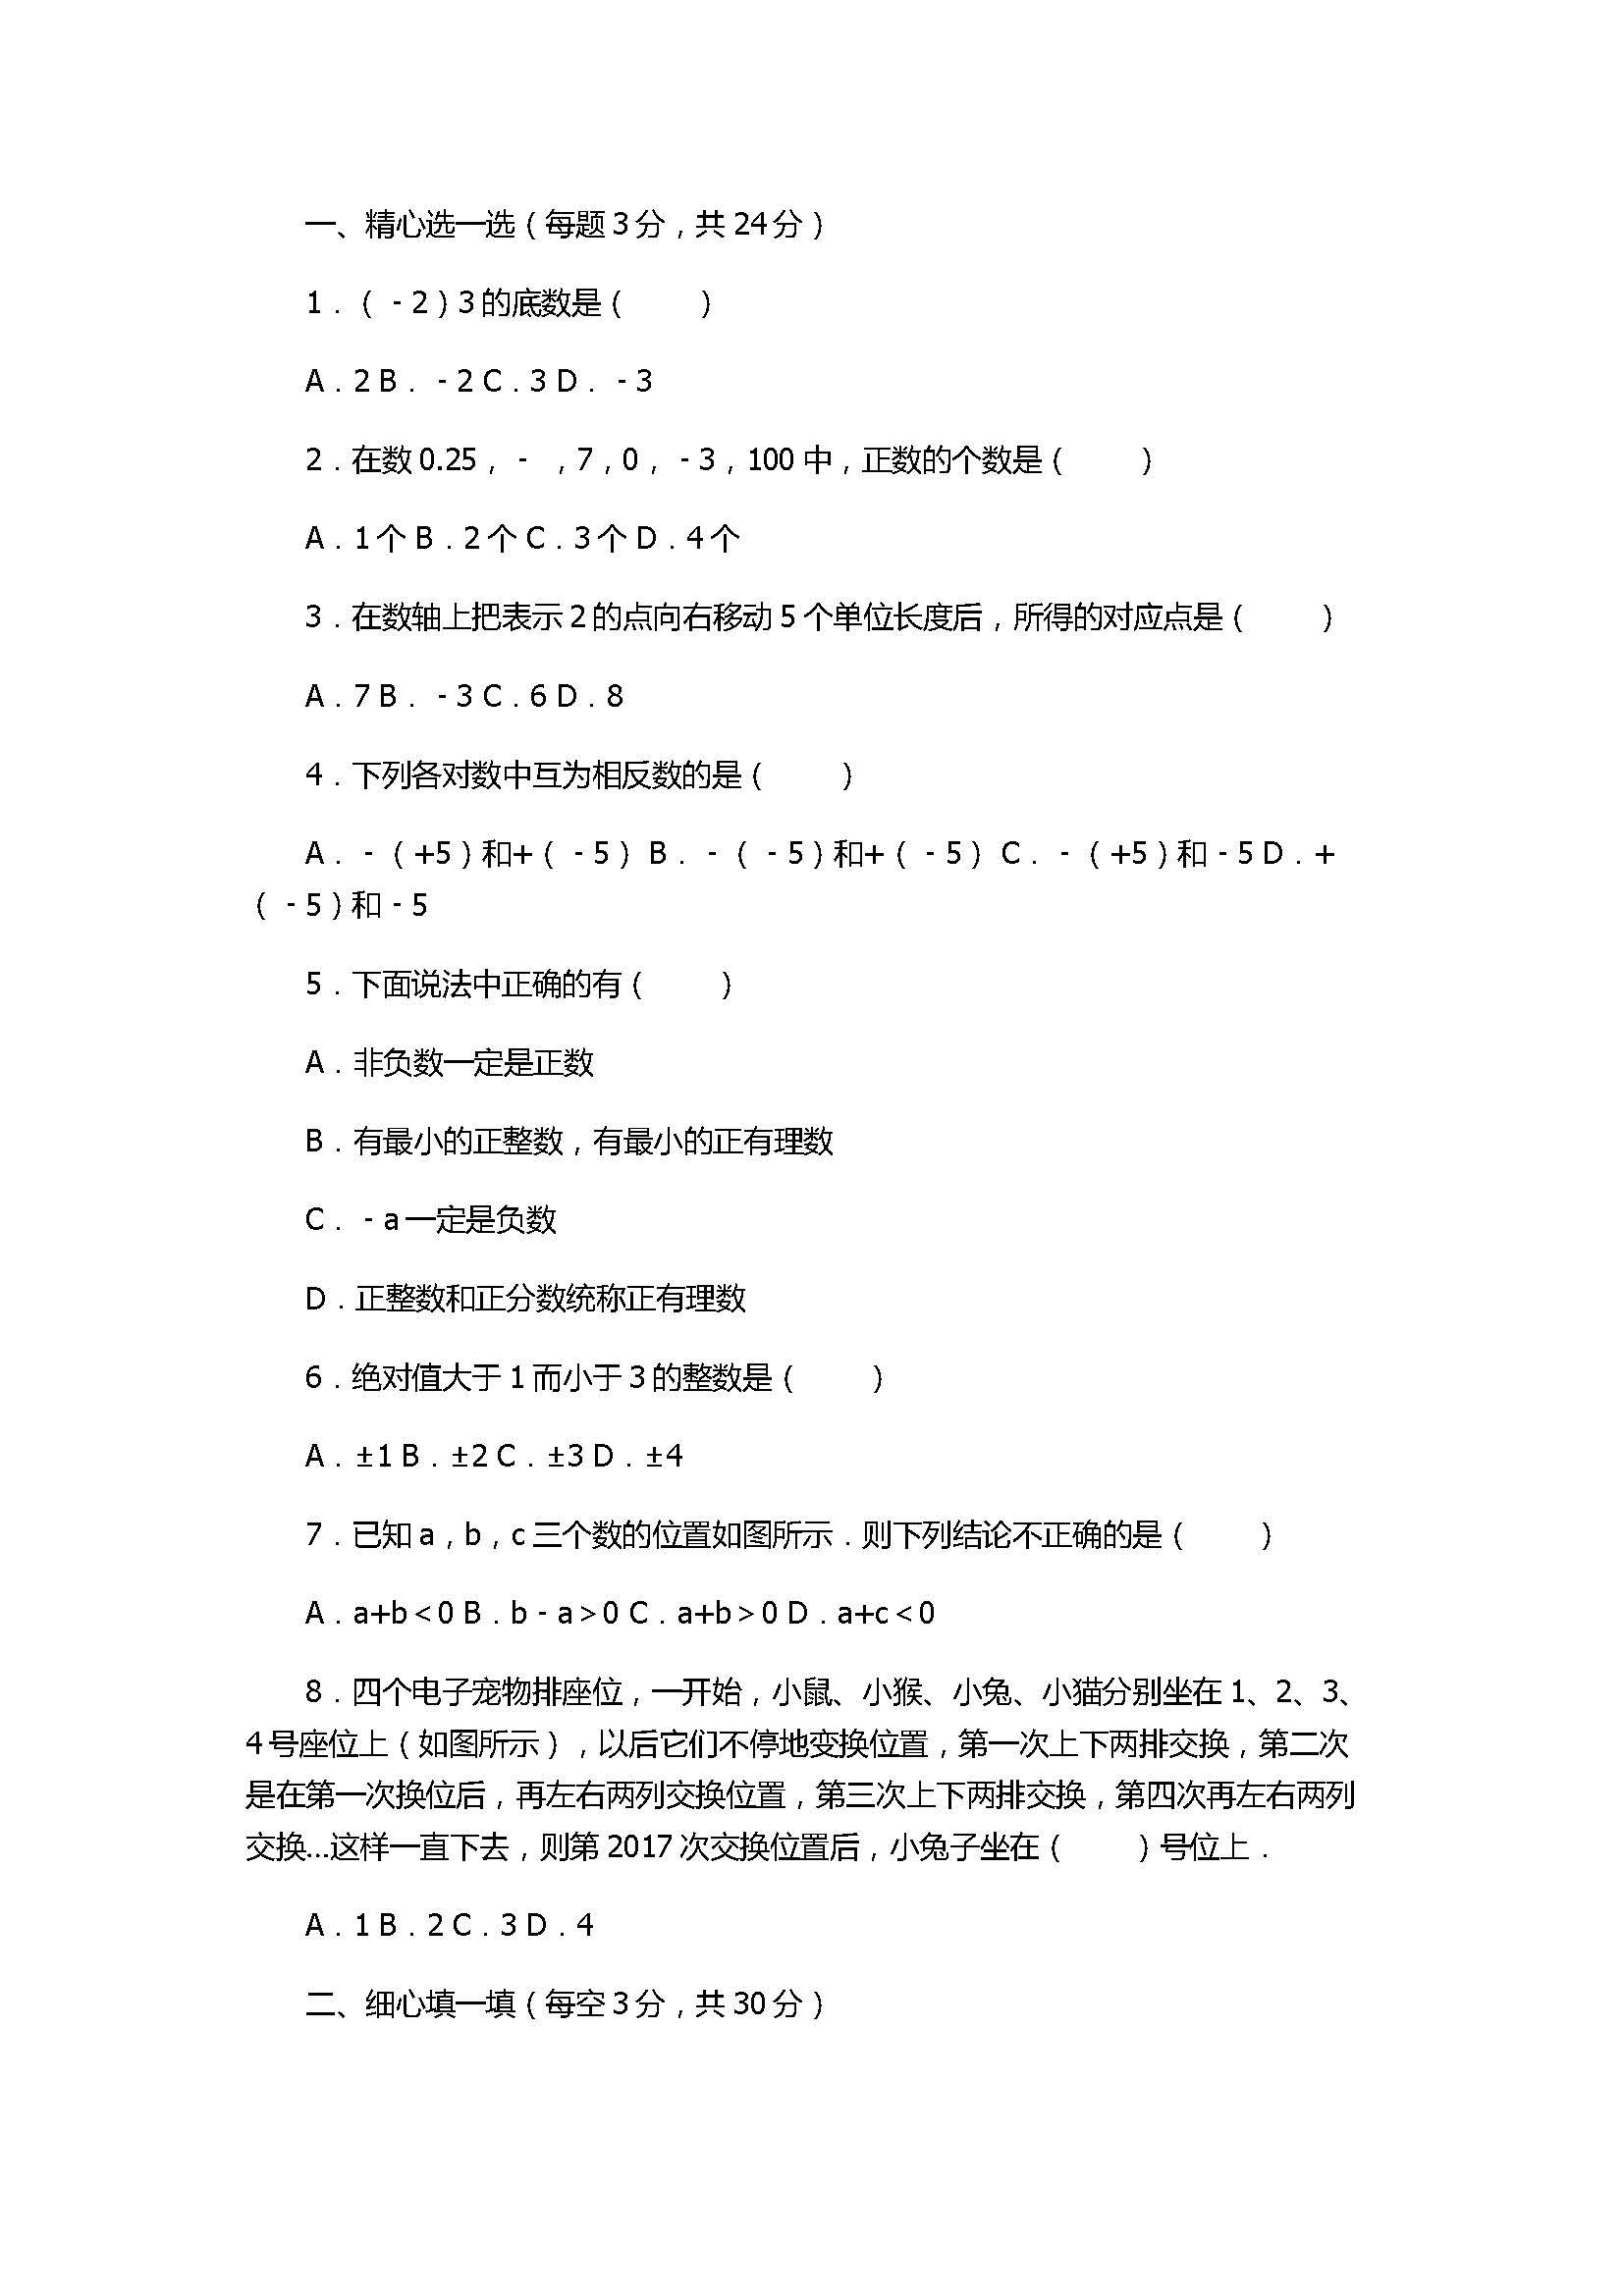 2017七年级数学上册月考试卷有答案和解释(邗江区梅岭中学)